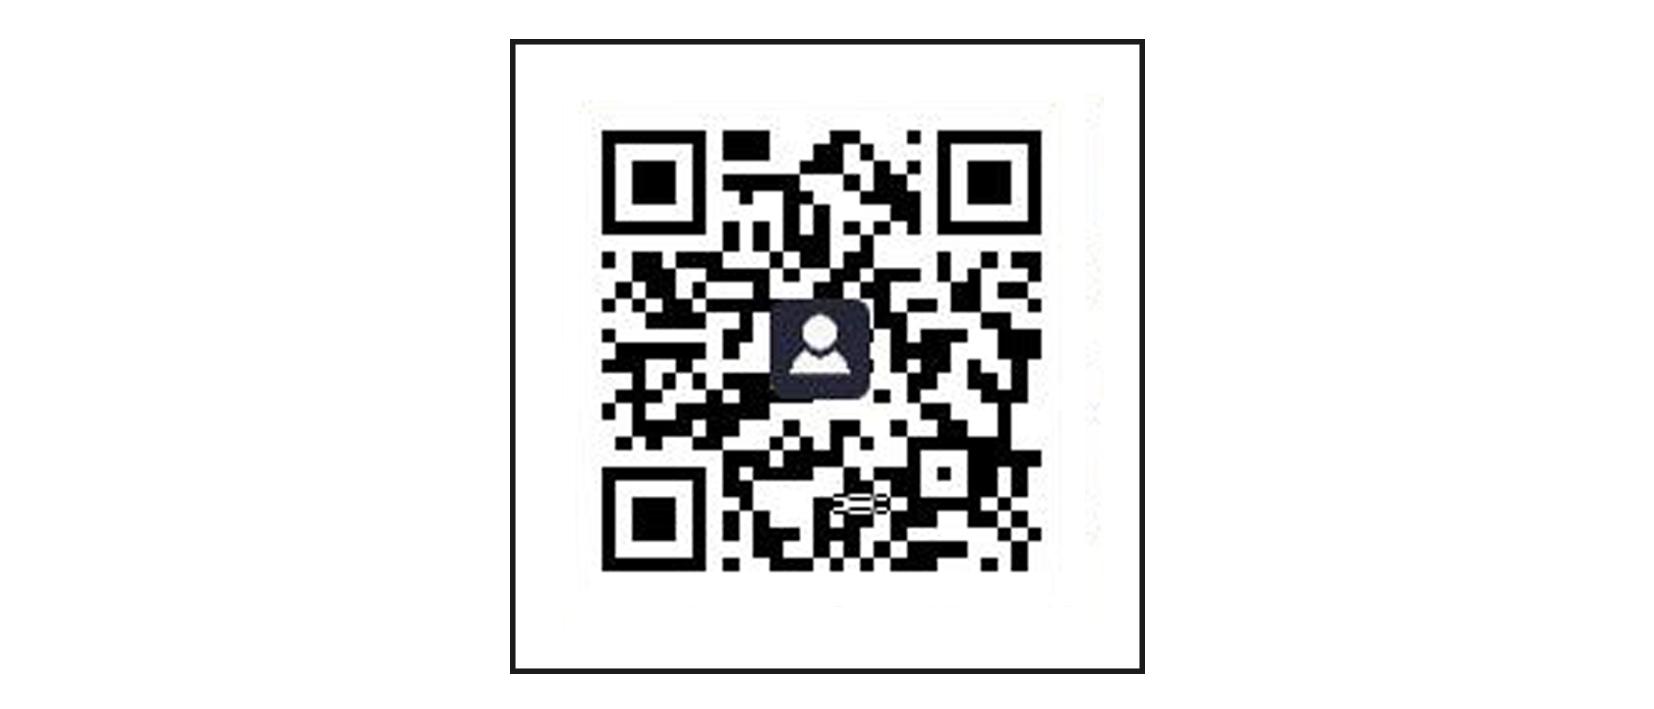 1567663122226011173.jpg